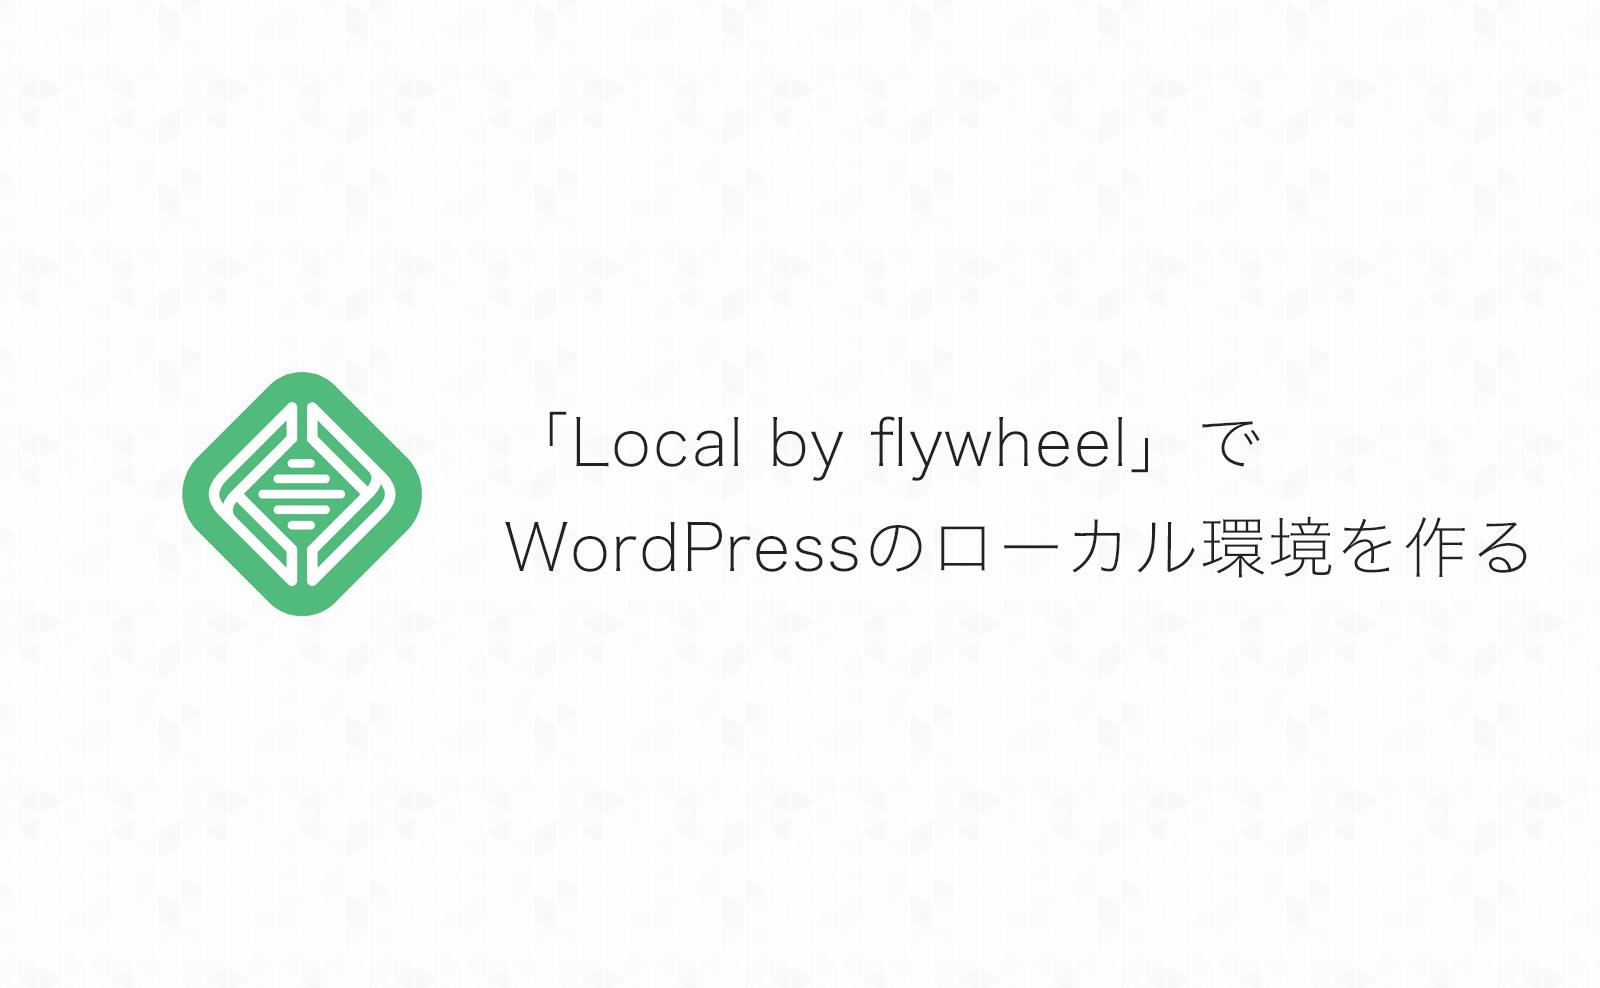 簡単操作で初心者にもオススメ!WordPressのローカル開発環境を「Local by flywheel」で作る方法